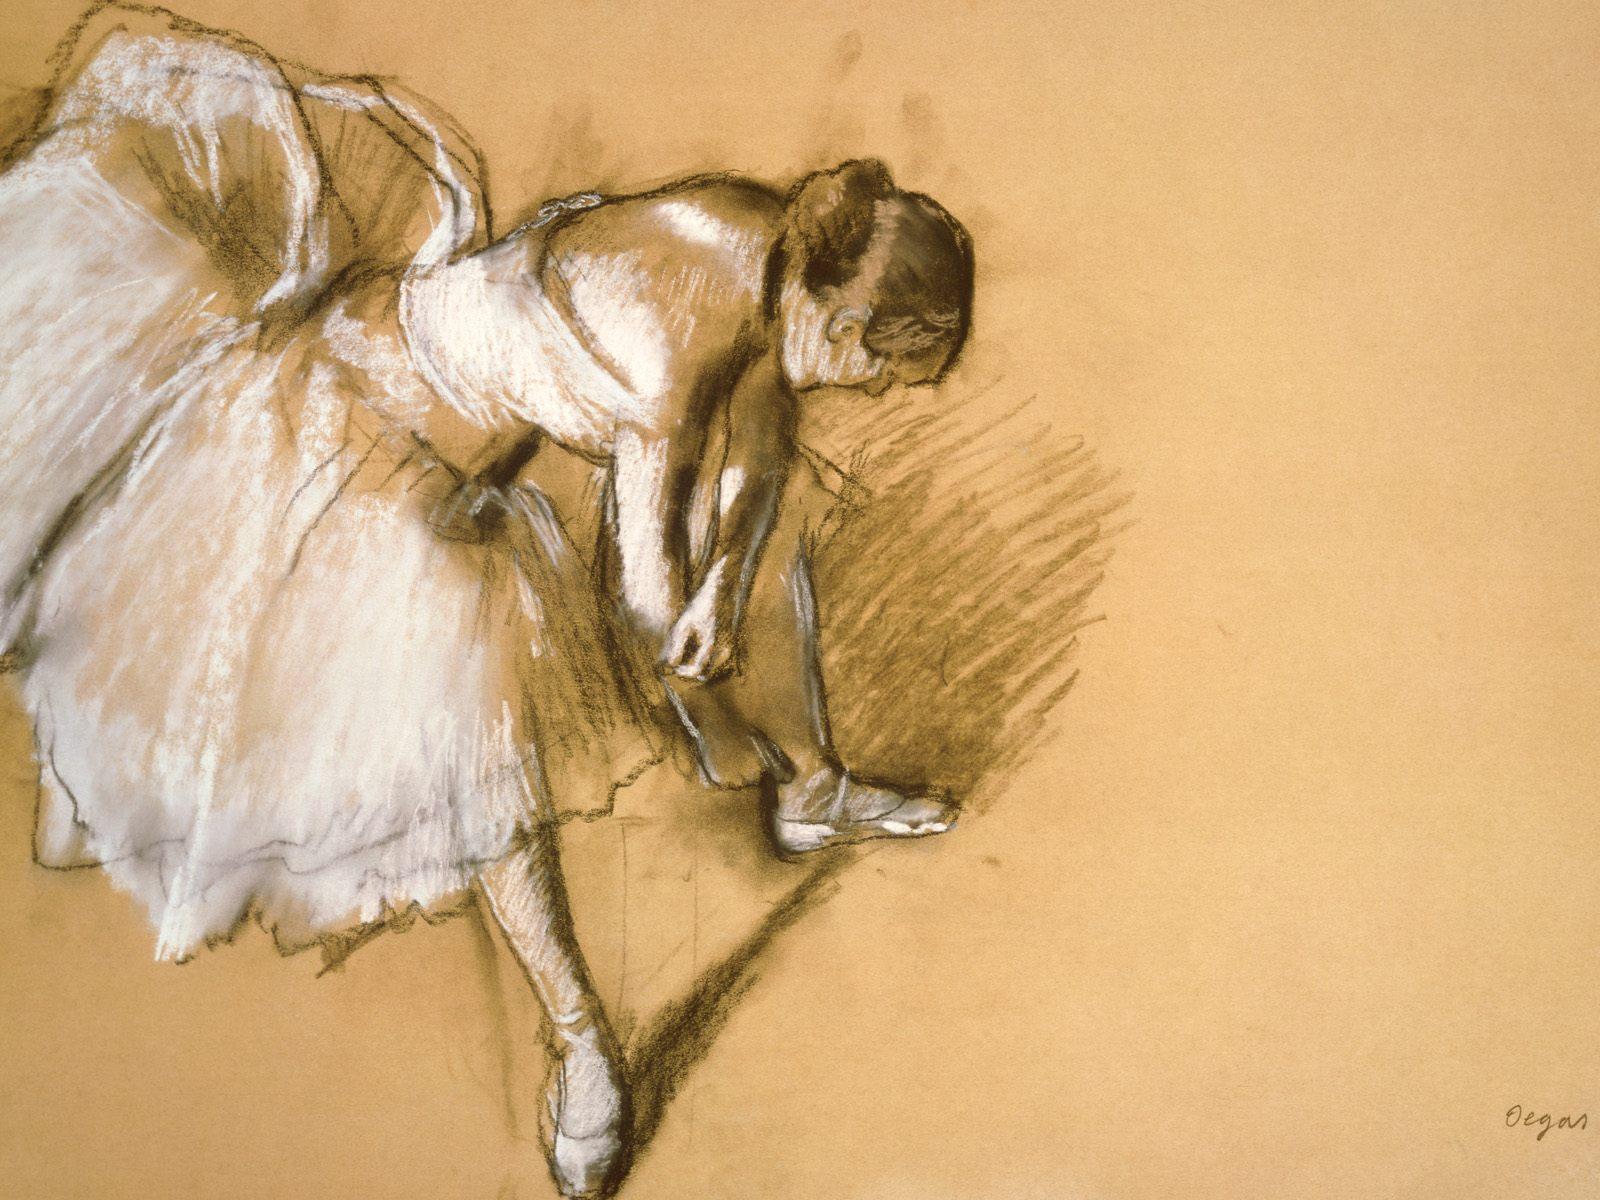 http://1.bp.blogspot.com/-eprpJxNe6qY/ULk_Tv4eUEI/AAAAAAAAI6o/fc_WnwQolIU/s1600/Edgar-Degas-Wallpaper-Edgar-Degas-Wallpapers-3.jpg